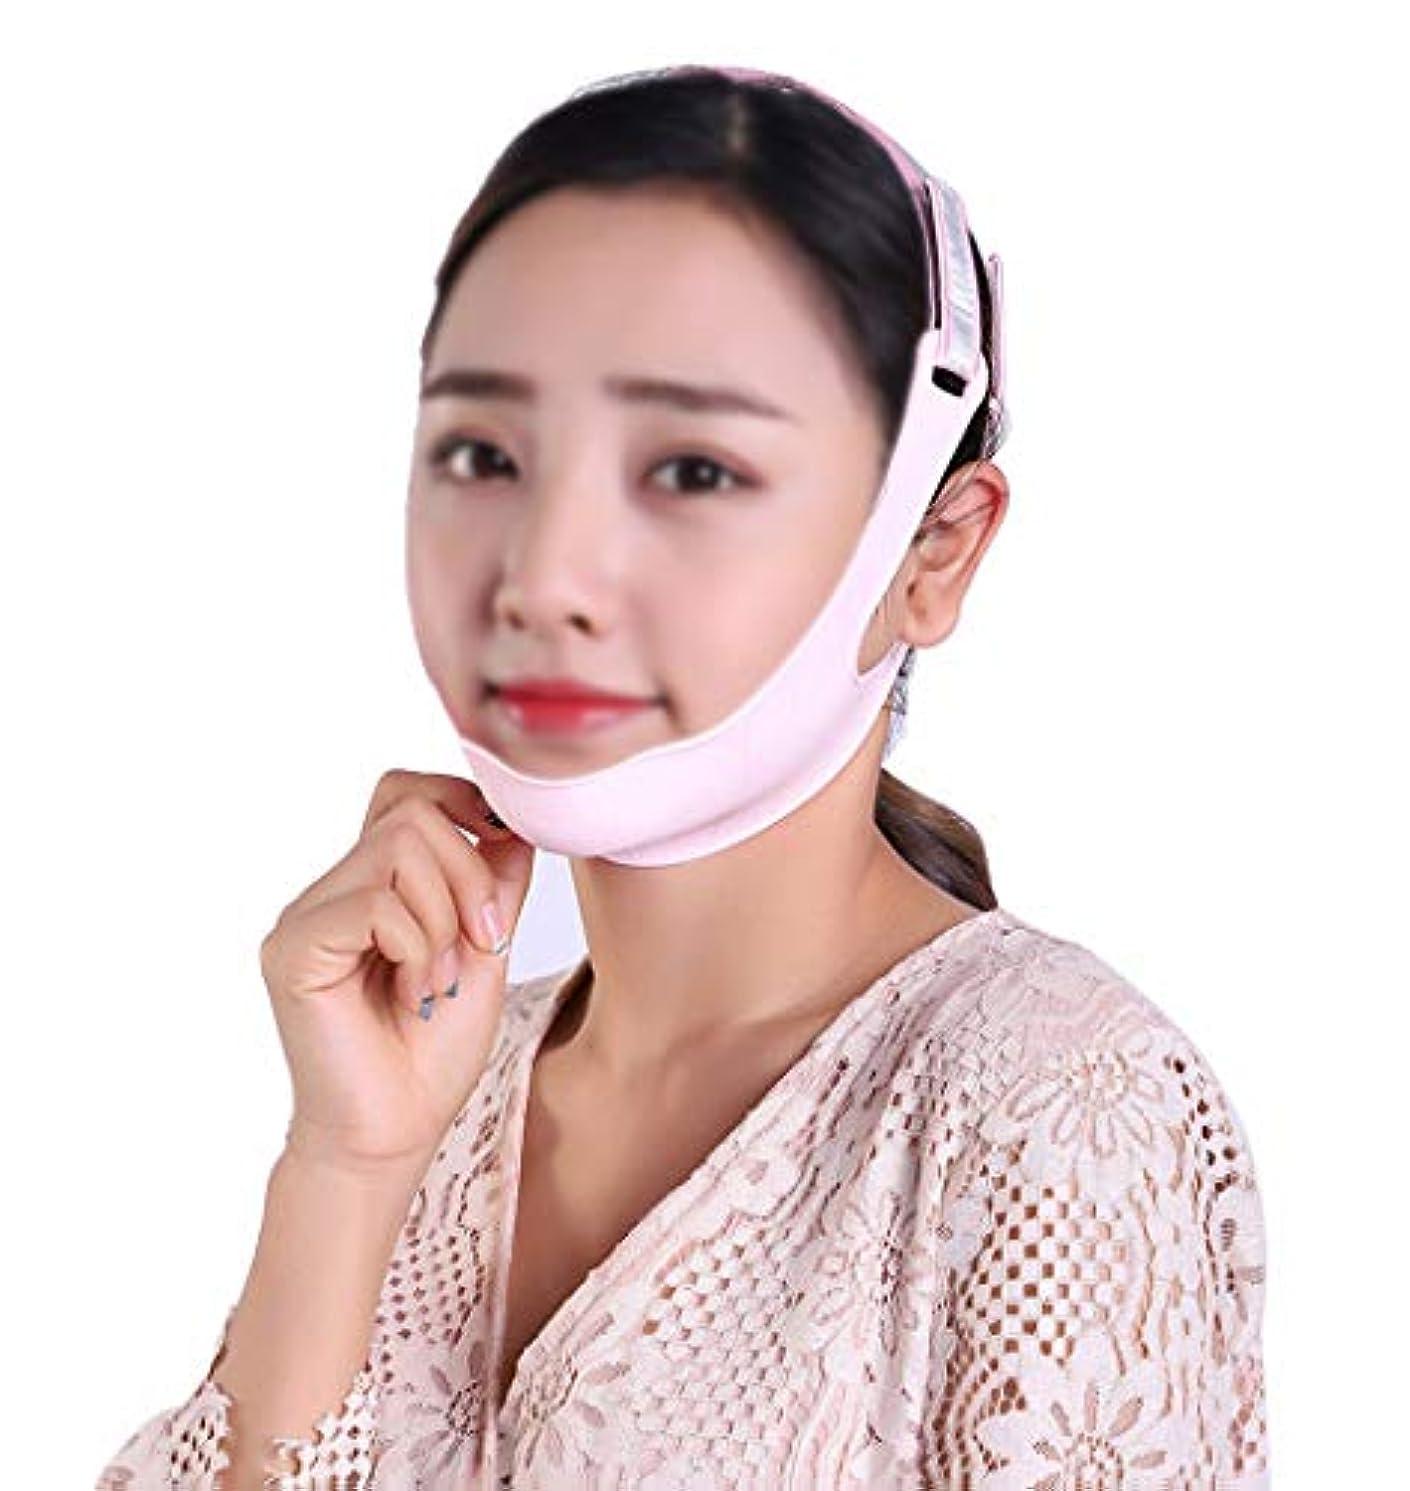 更新する裁判所爆風TLMY フェイシャルリフティングマスクシリコンVマスク引き締めフェイシャル包帯スモールVフェイスアーティファクト防止リラクゼーションフェイシャル&ネックリフティング 顔用整形マスク (Size : M)